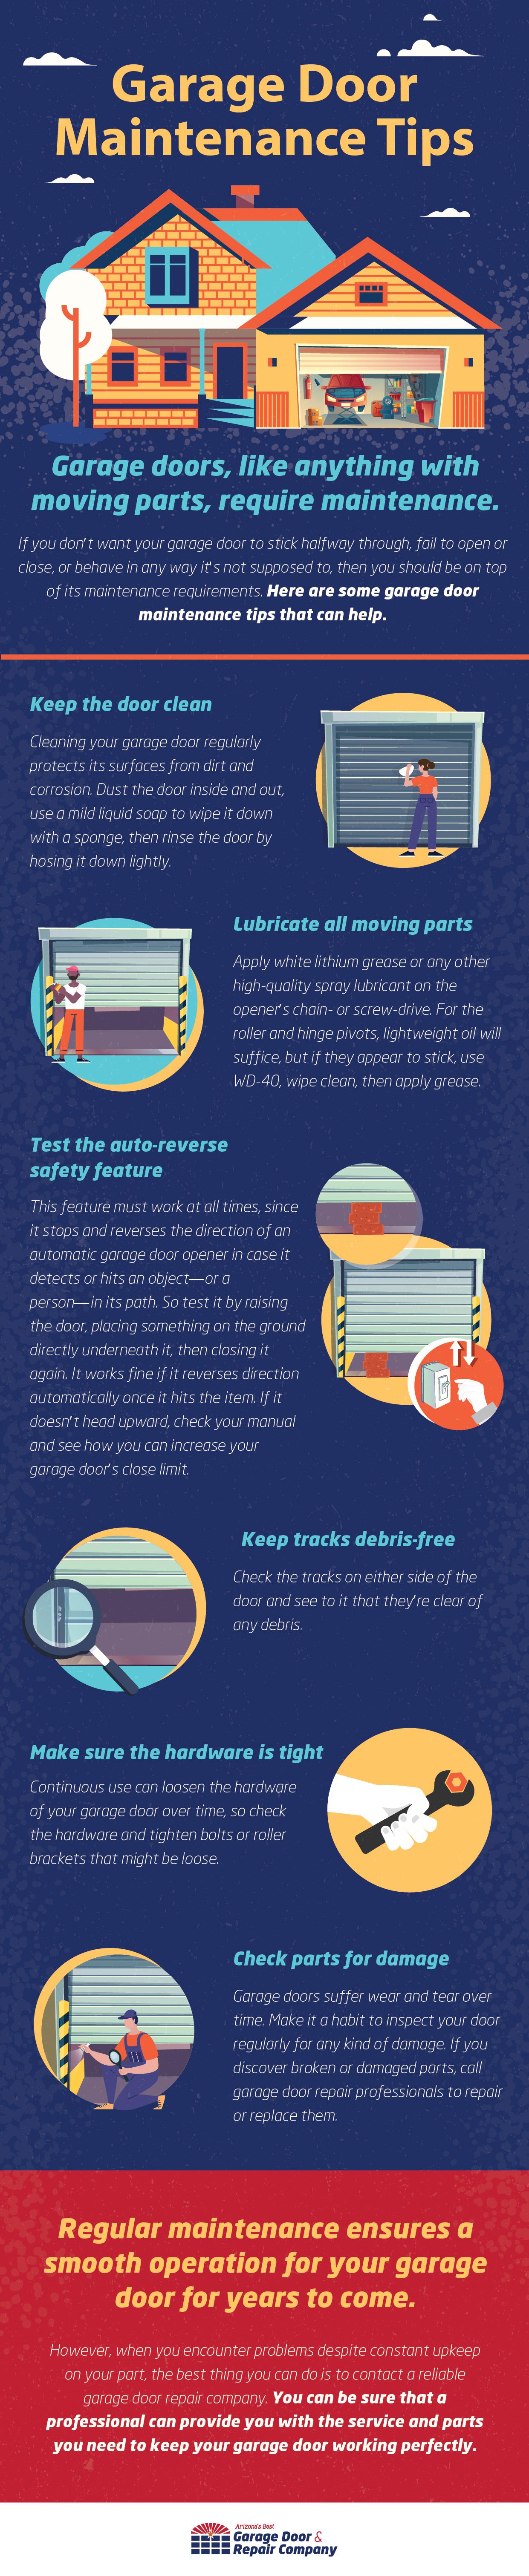 Why Your Garage Door Needs Regular Maintenance - Infographic